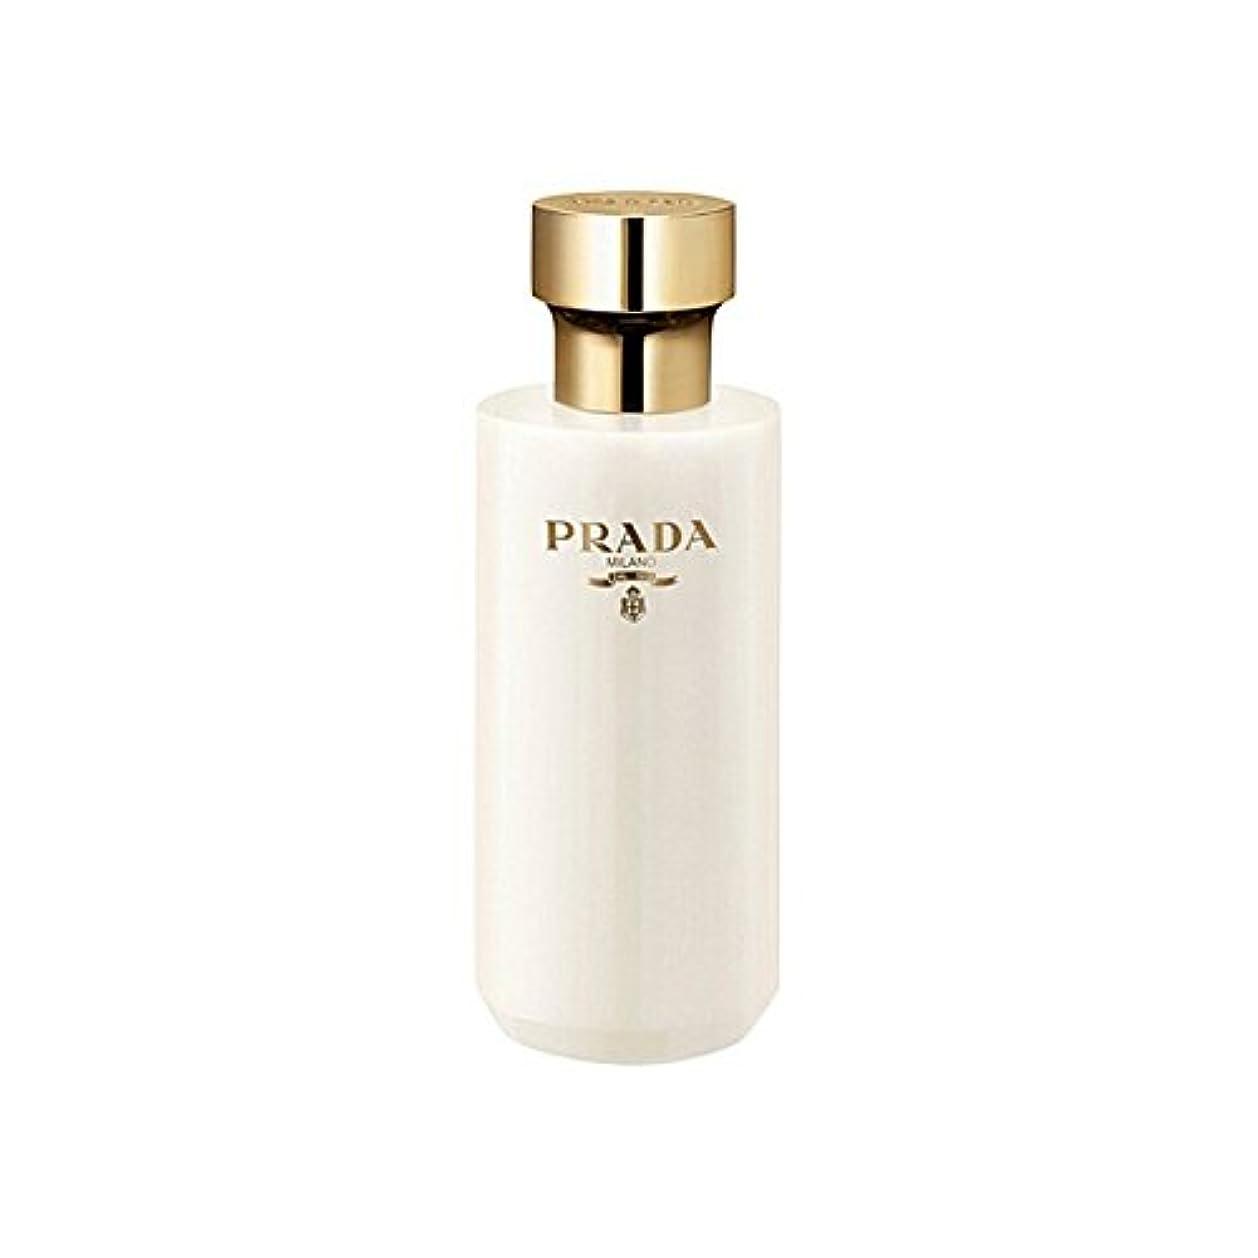 四回不適当創始者Prada La Femme Shower Gel 200ml - プラダラファムシャワージェル200 [並行輸入品]